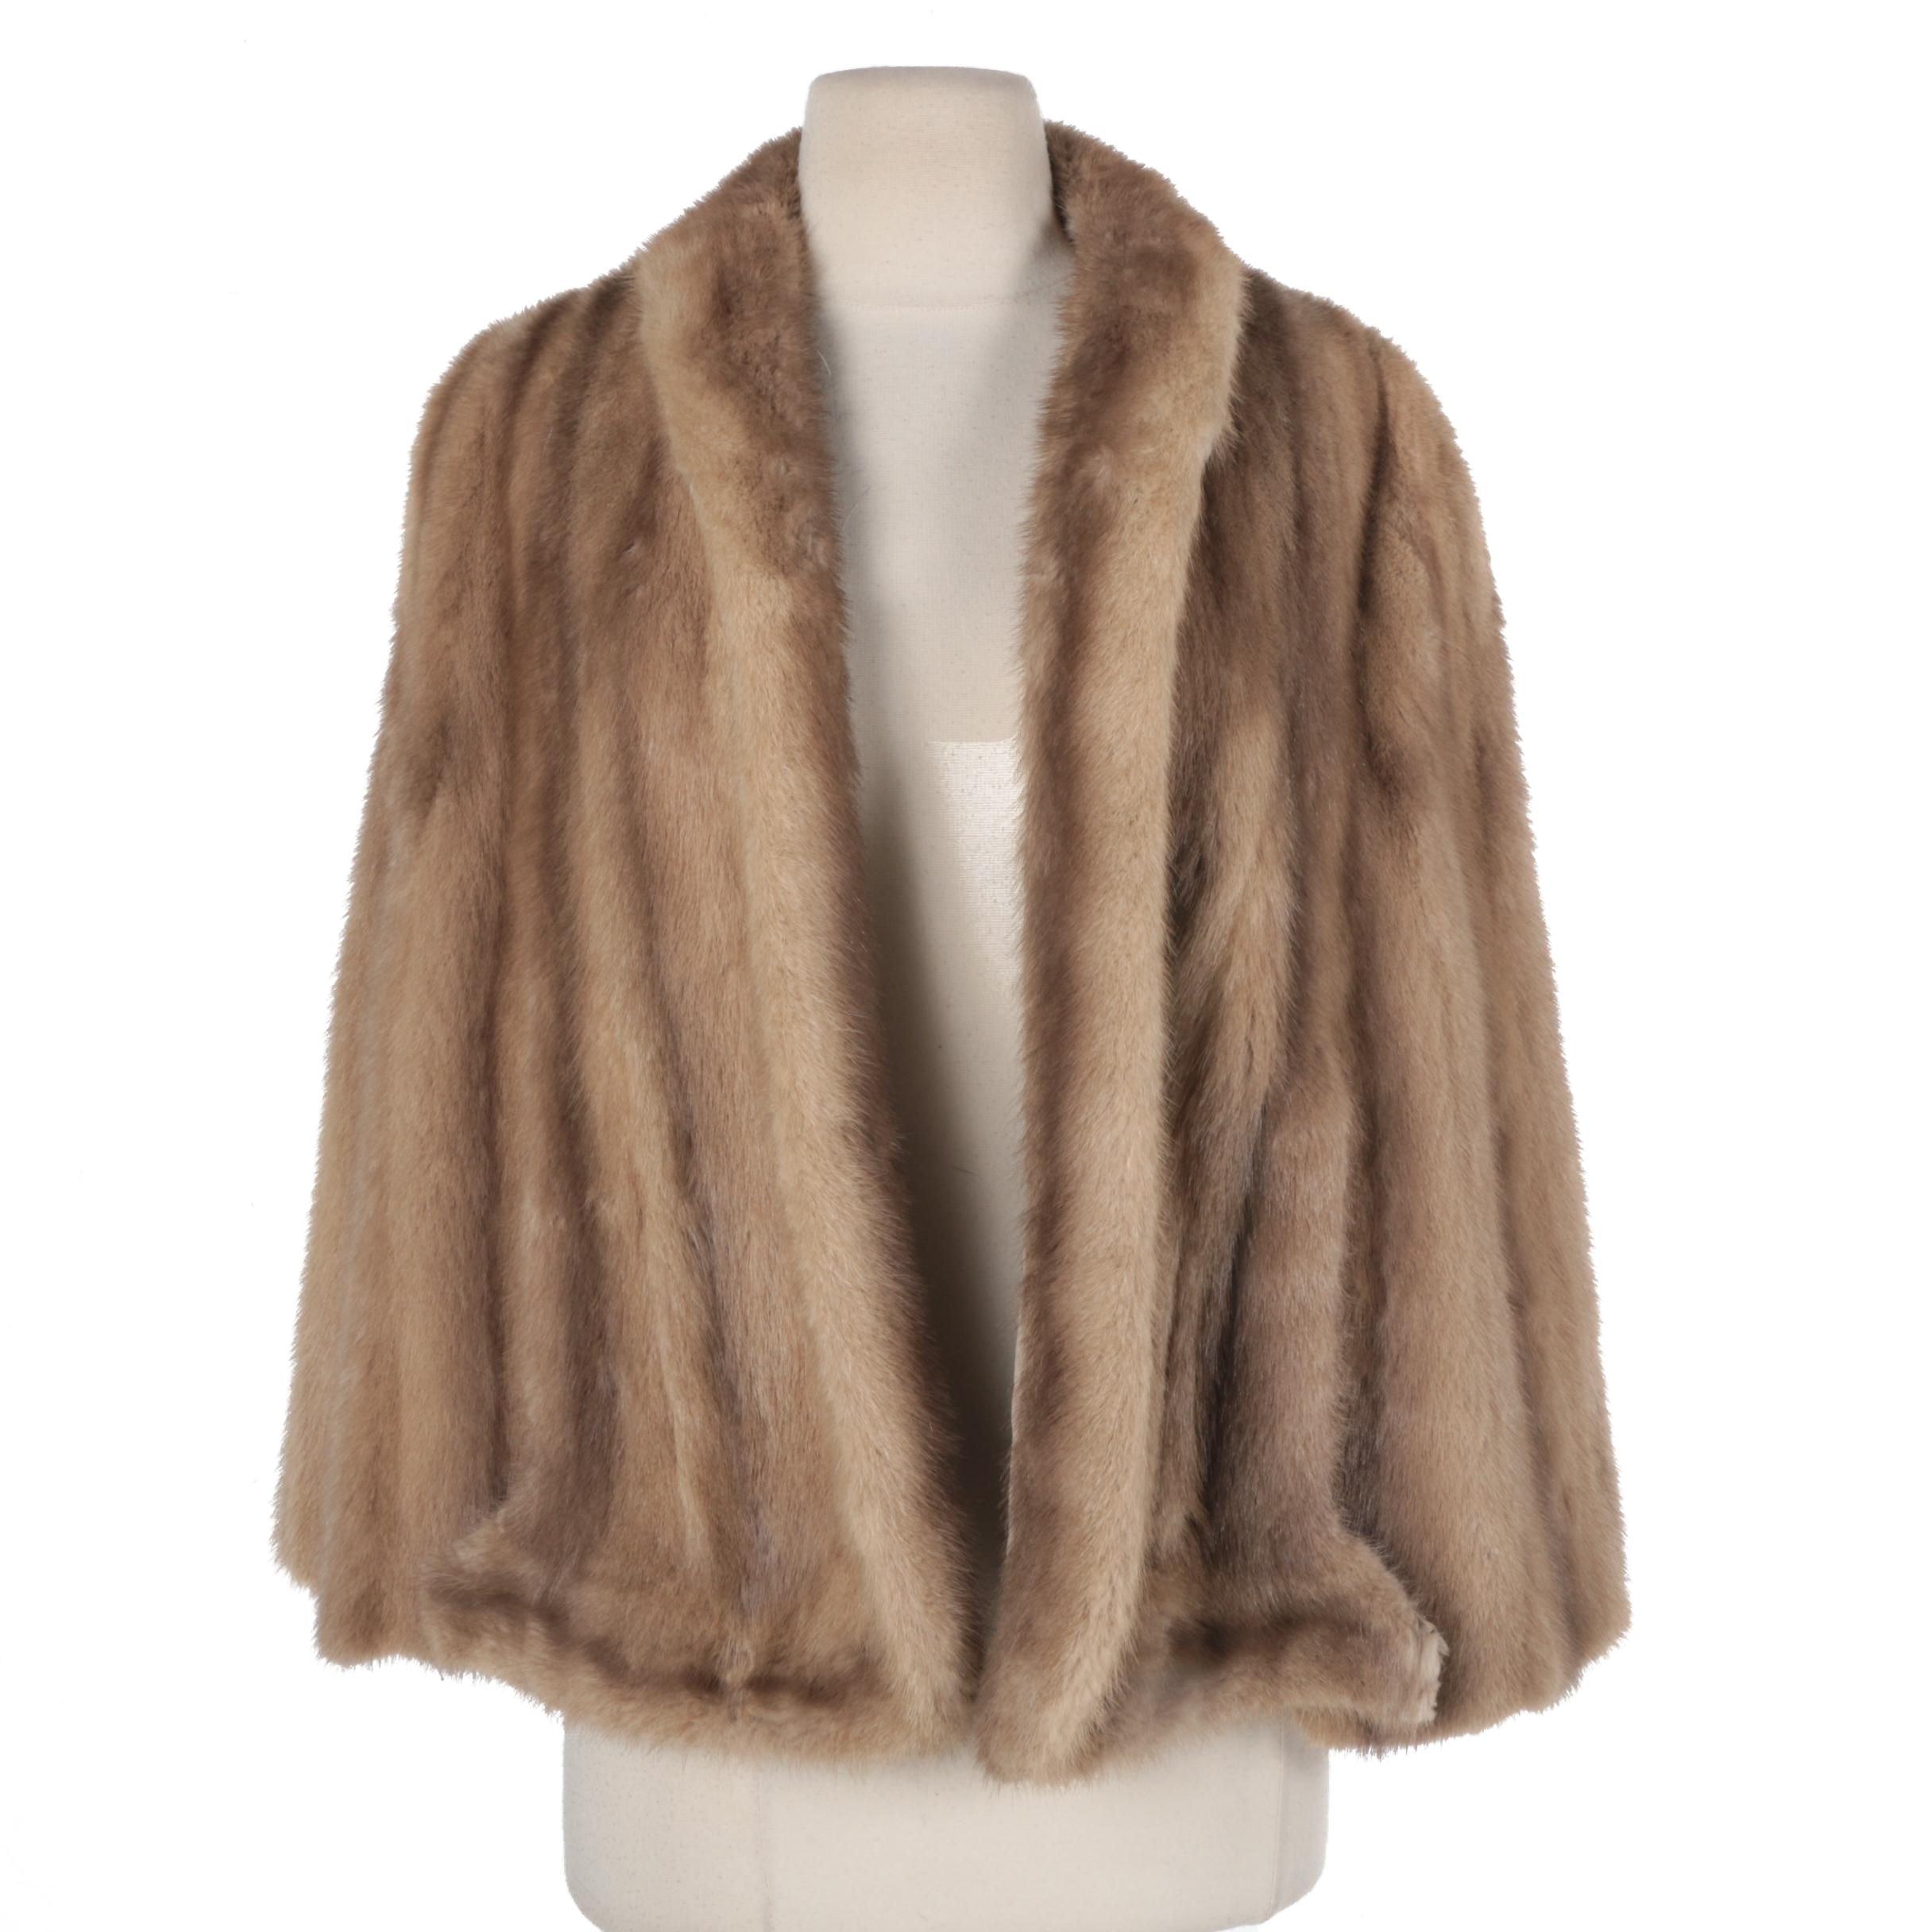 Women's Vintage Mink Fur Cape